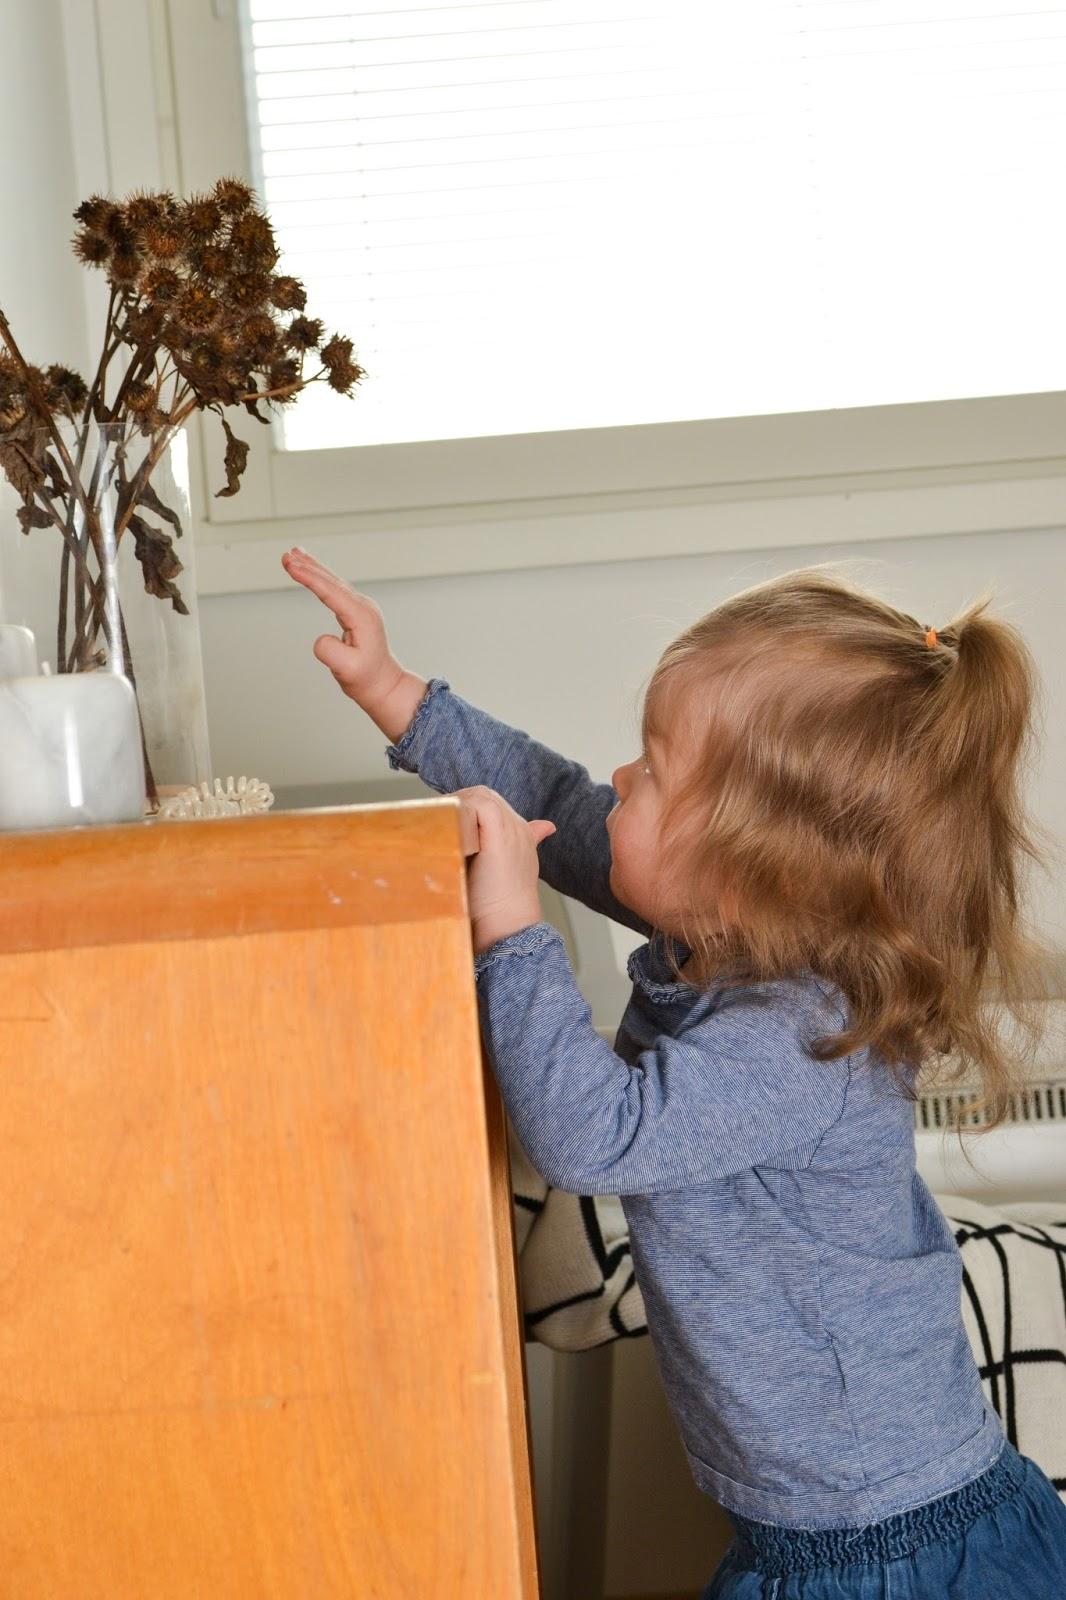 Saippuakuplia olohuoneessa -blogi, kuva Hanna Poikkilehto, taapero, puolitoista vuotias, lapsen kehitys, lapsi, perhe, makuuhuone, tyttö, kirjakaappi, vintage, ohdake,